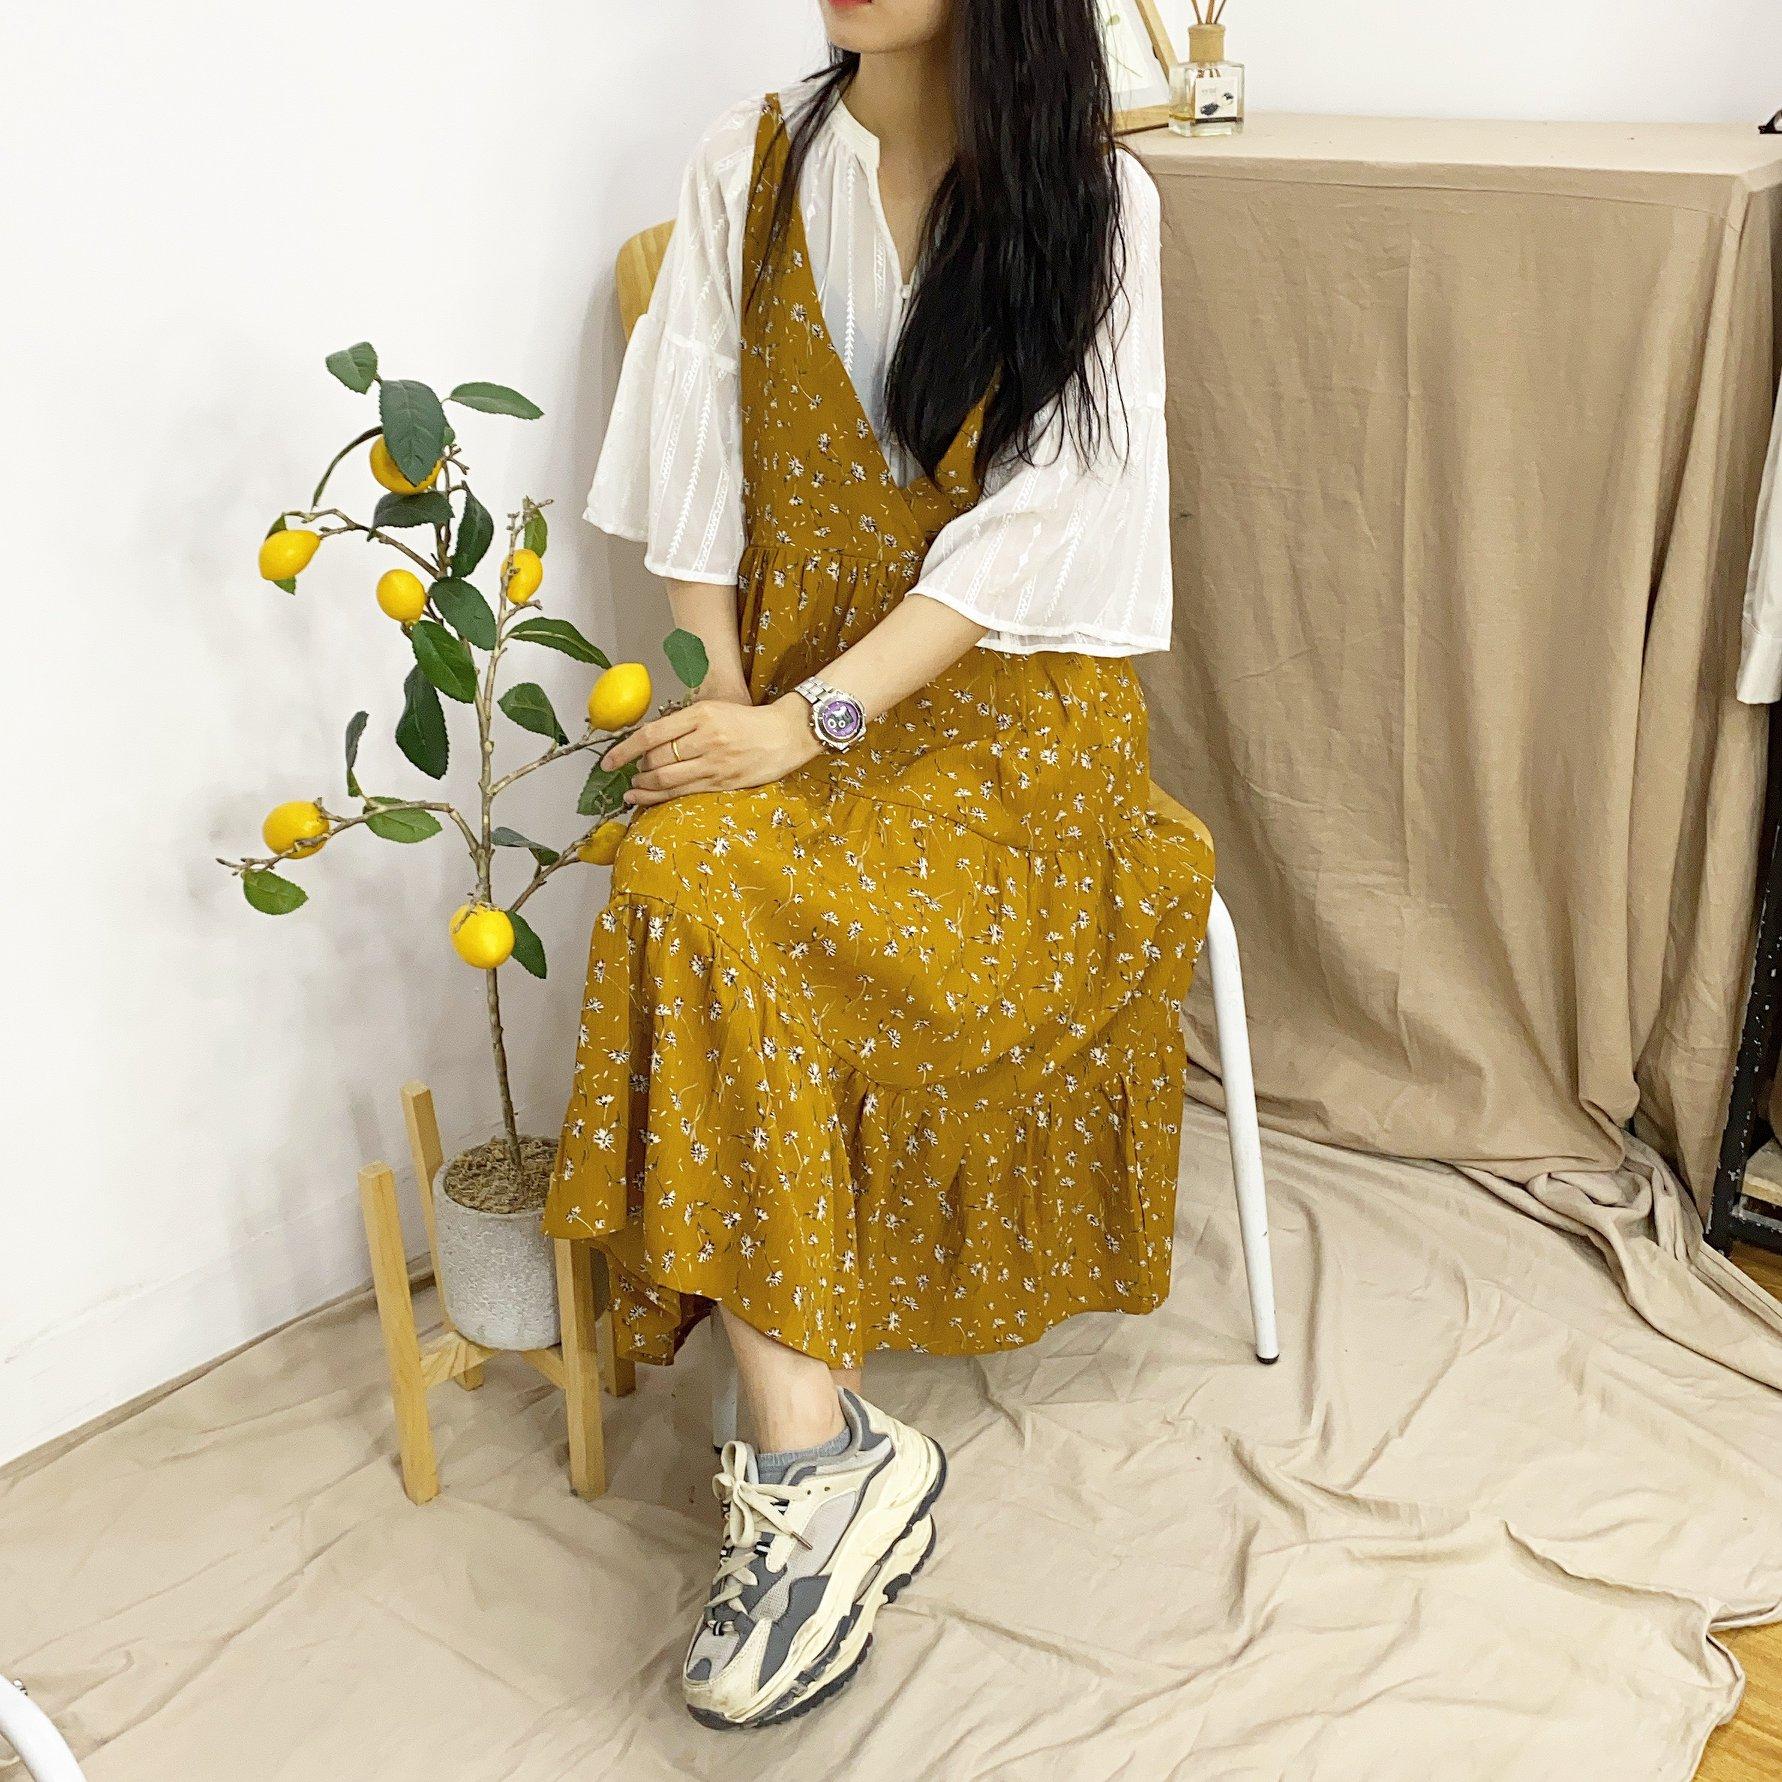 Kết hợp sơ mi cùng chân váy kiểu yếm siêu hợp cho mùa se lạnh